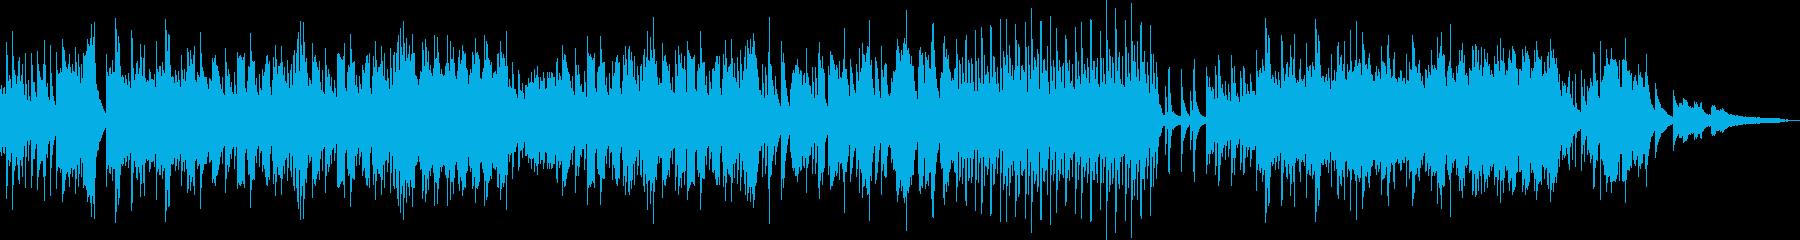 夏の癒し・ピアノと三味線の二重奏の再生済みの波形